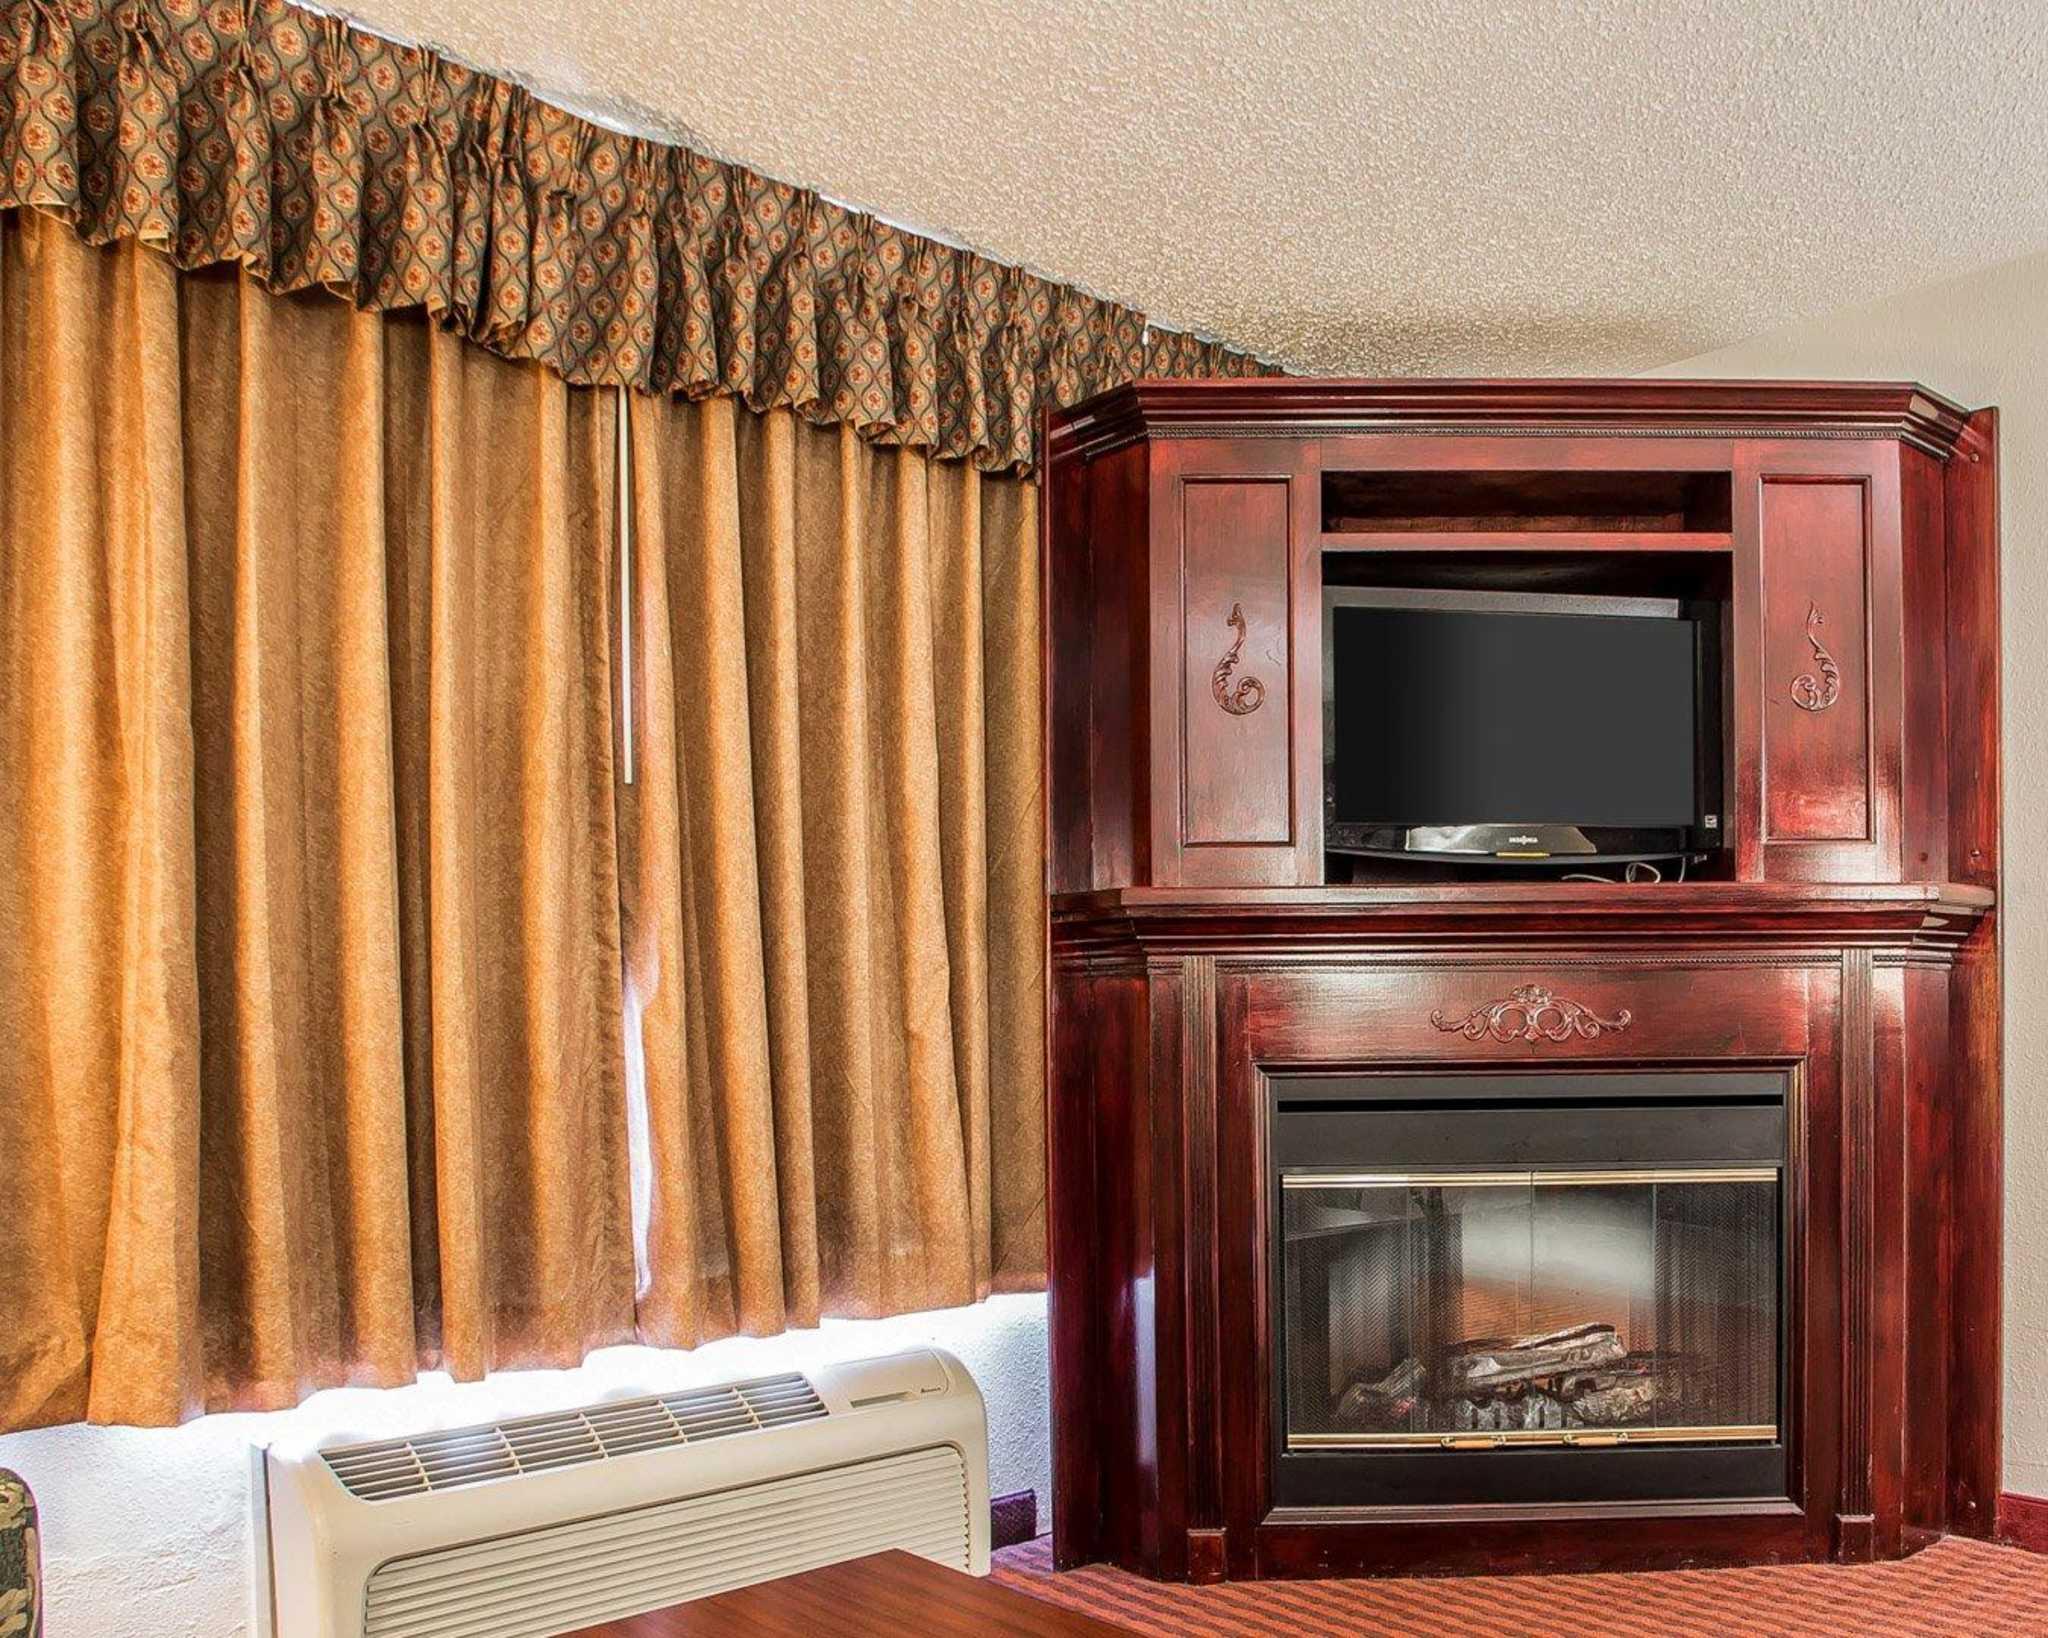 Clarion Hotel Highlander Conference Center image 24